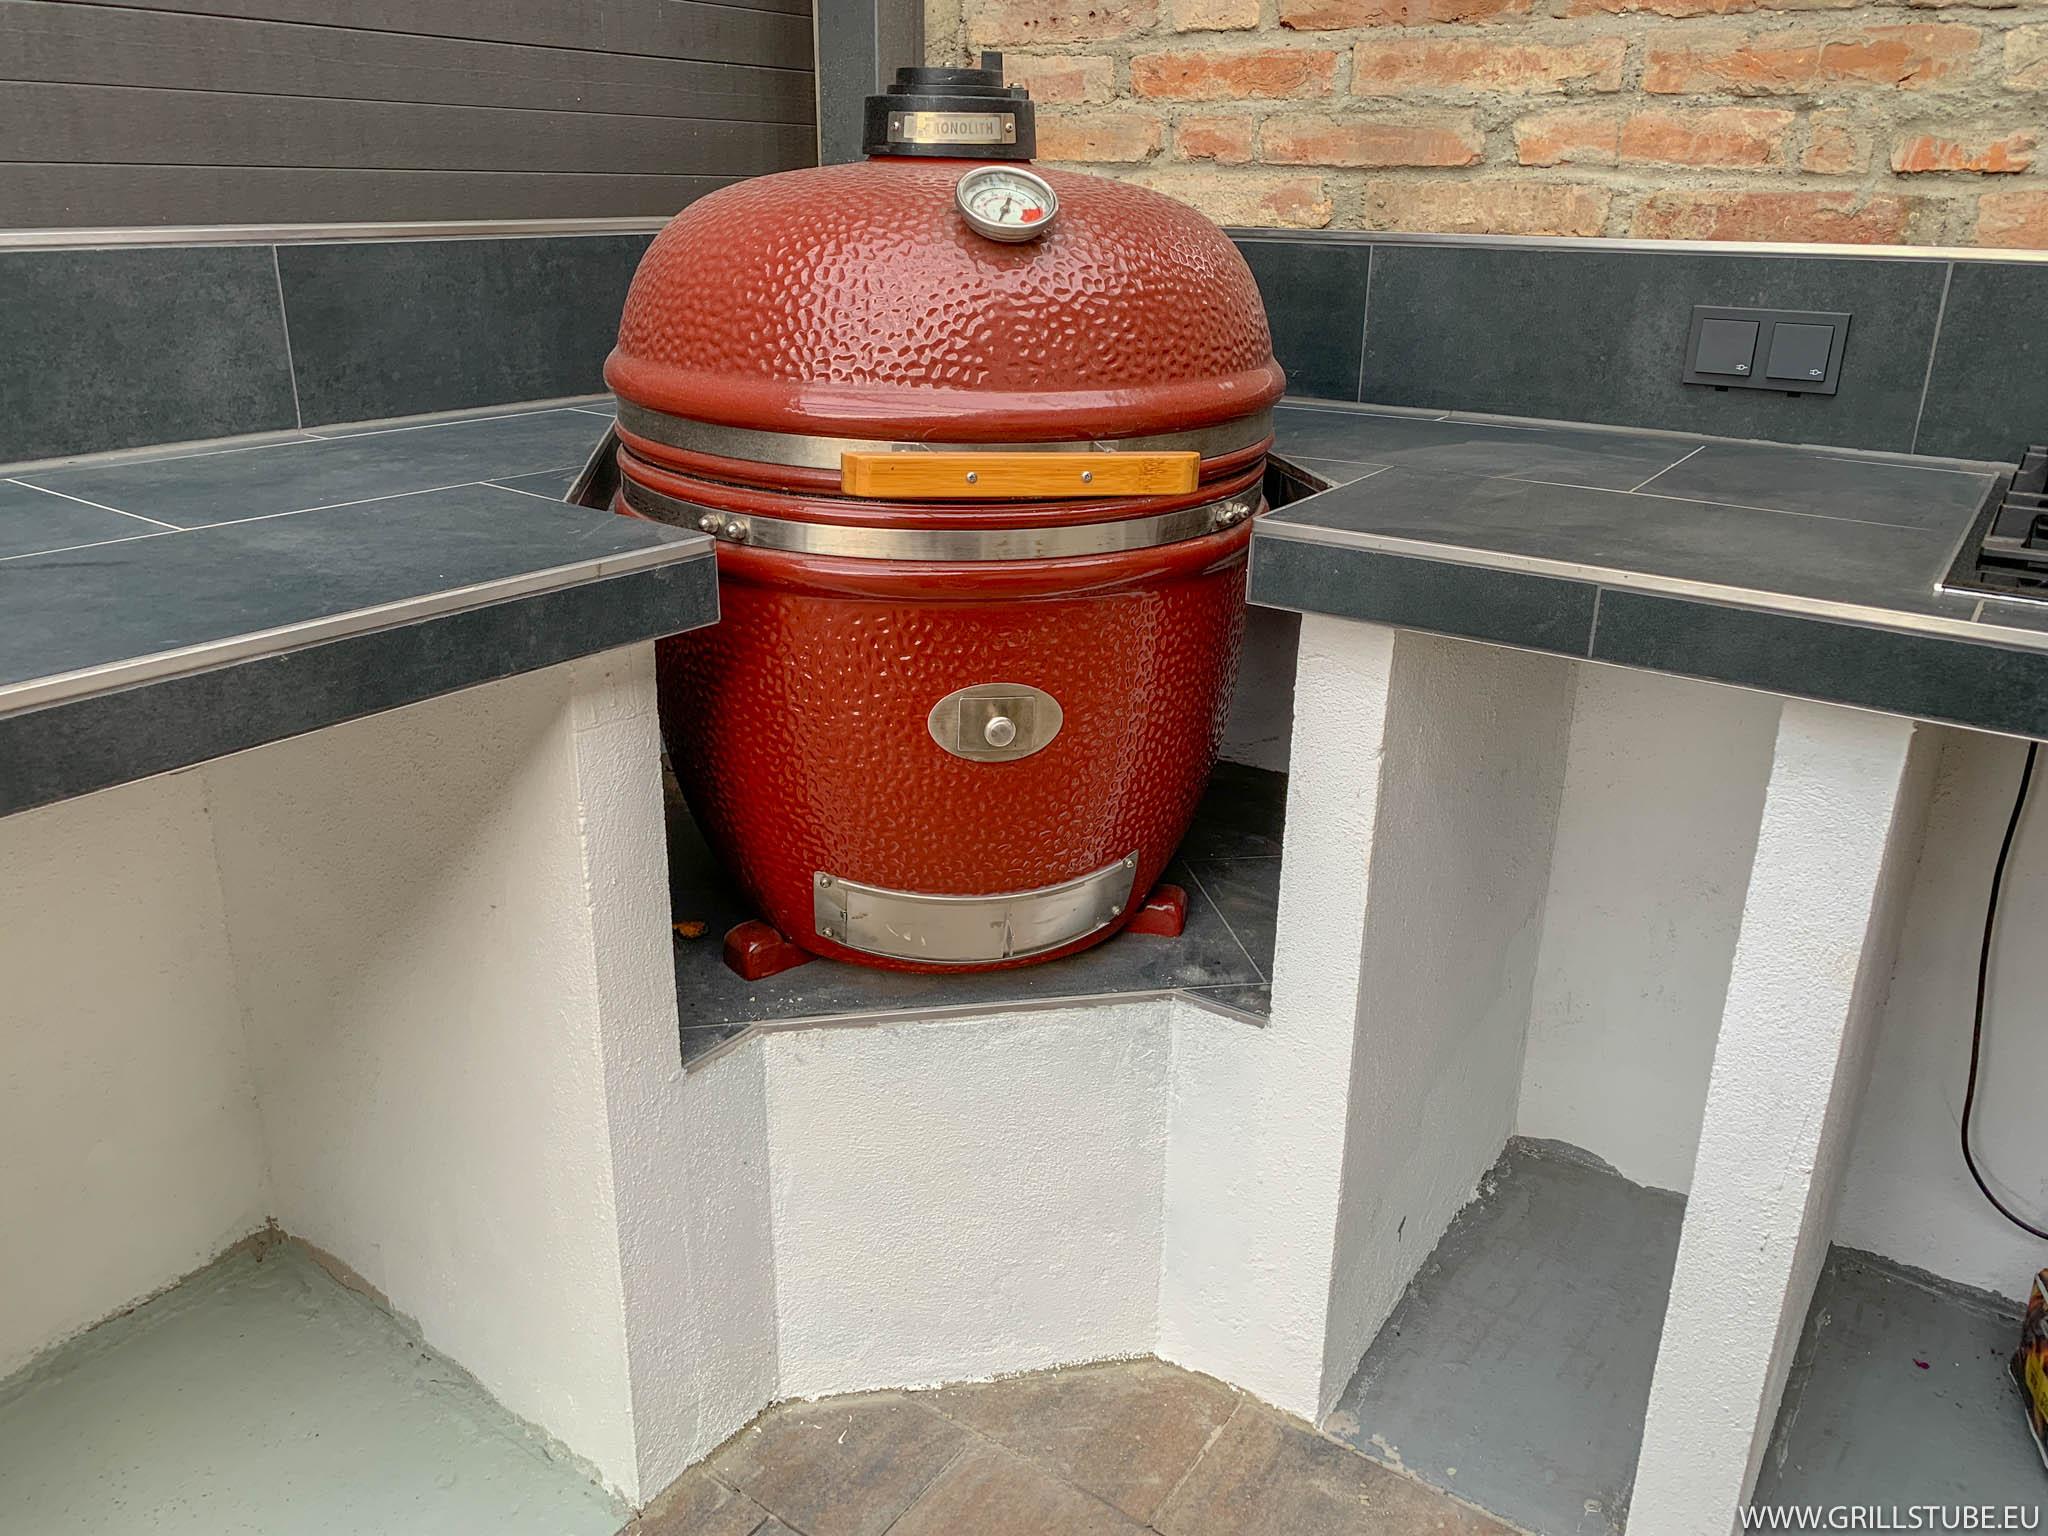 Outdoor Küche Verputzen : Outdoorküche: keramikgrillpodest verputzen streichen andys